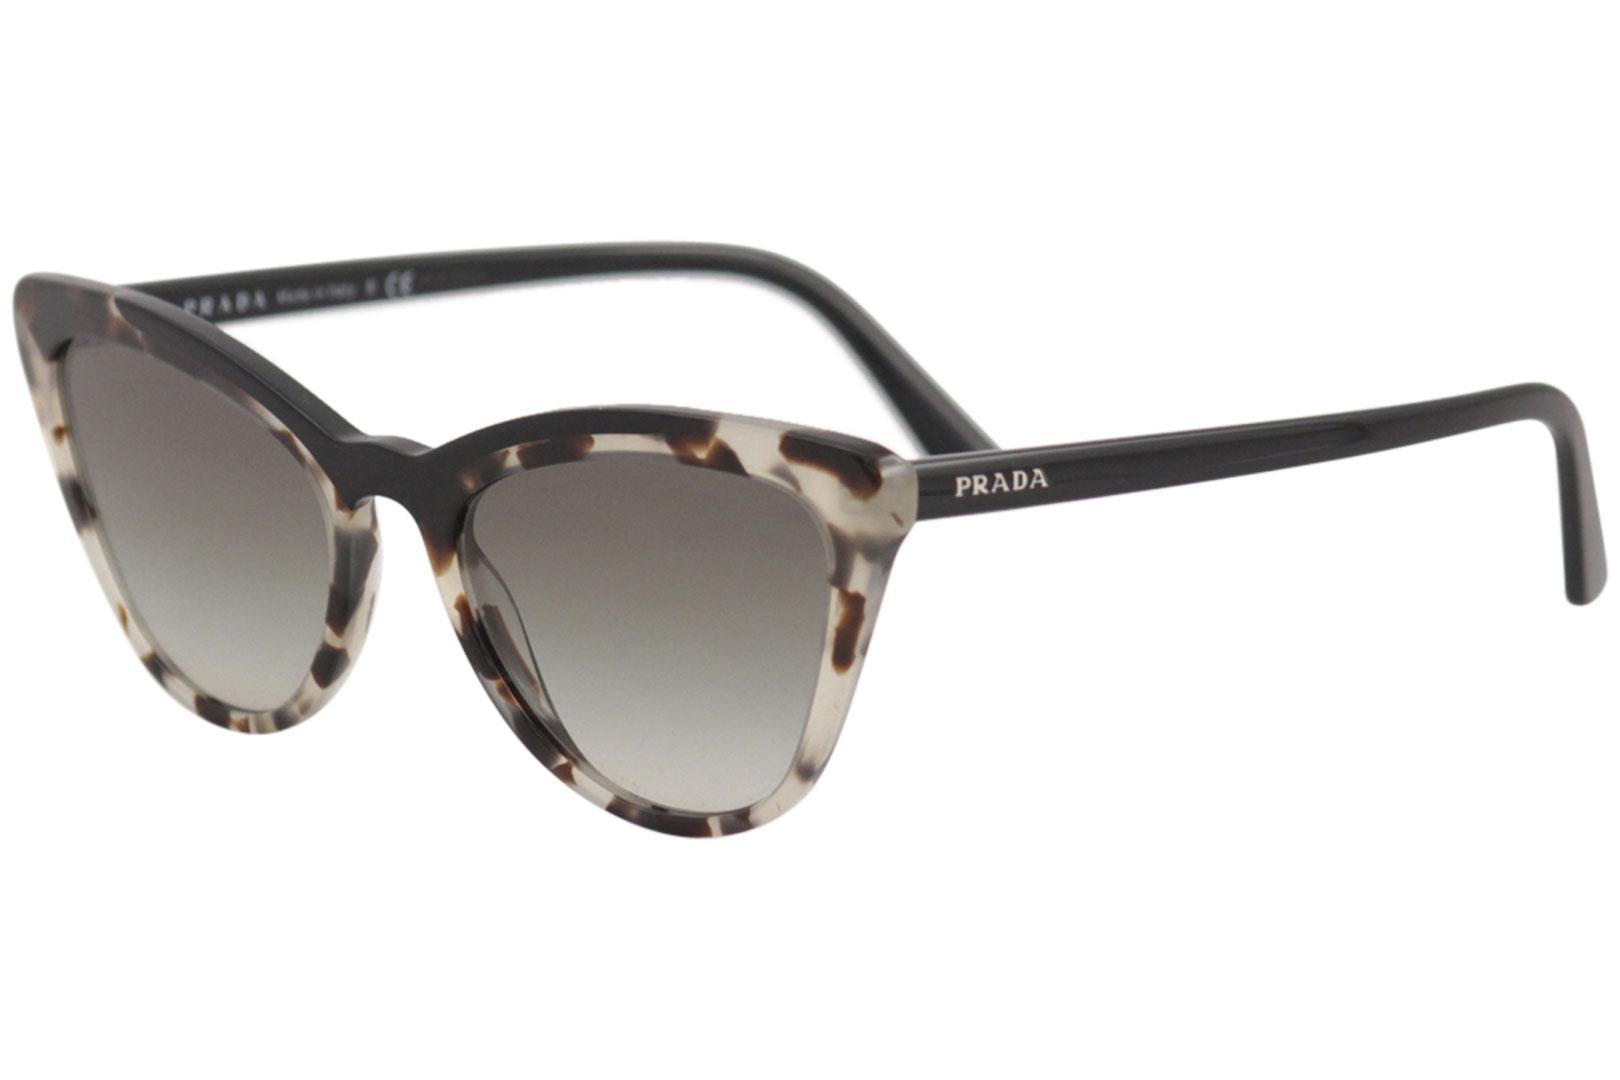 32b30b7203b Prada Women s SPR01V SPR 01 V Fashion Cat Eye Sunglasses